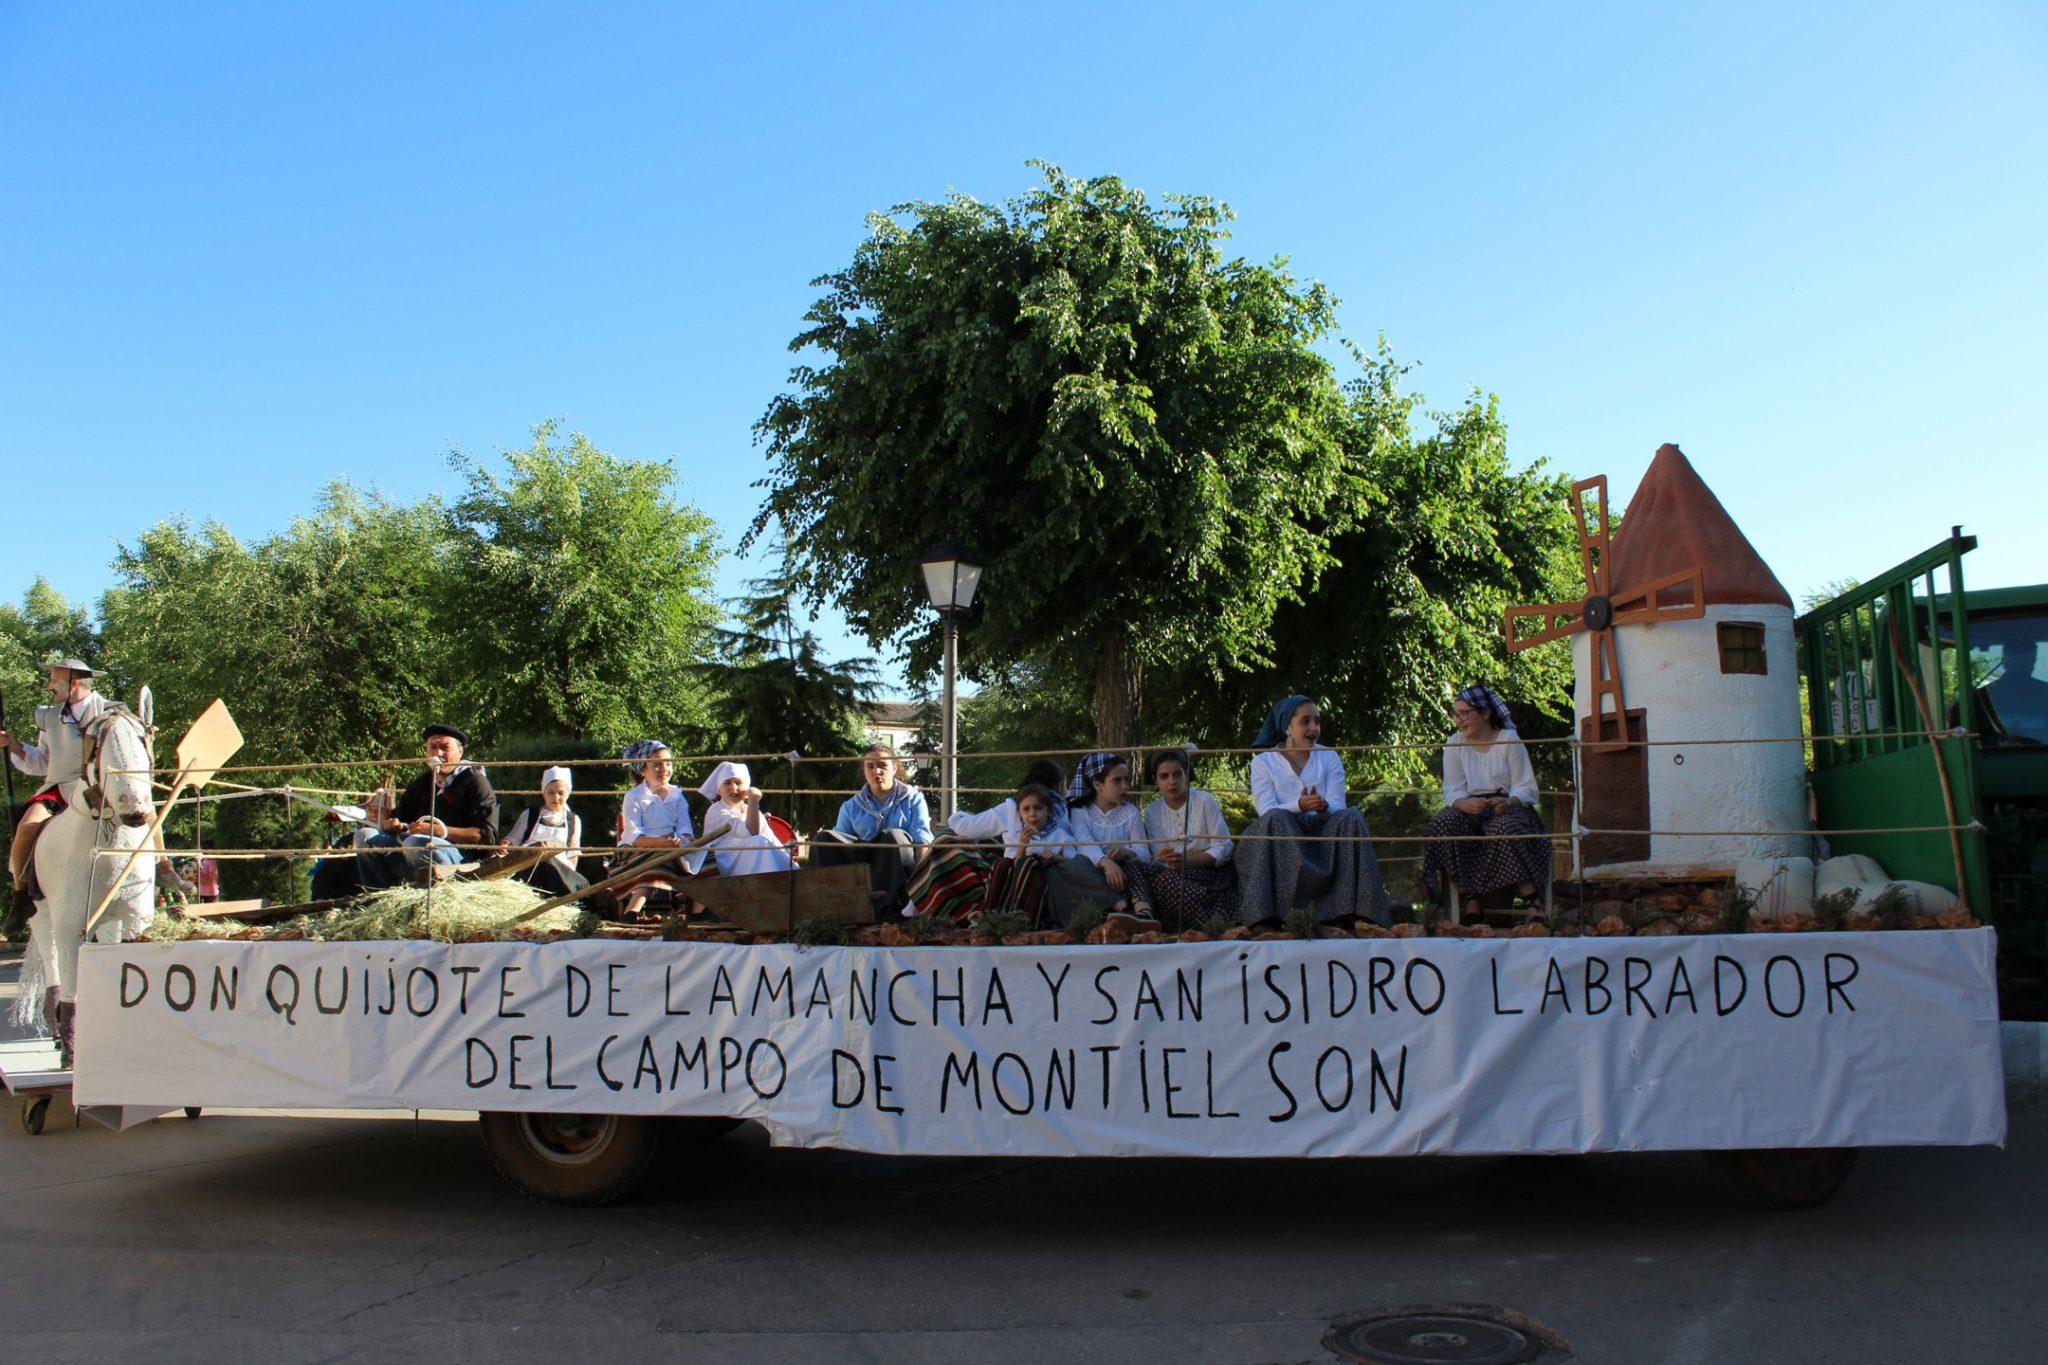 Carrozas, yuntas y tractores acompañan a San Isidro en procesión en Villanueva de los Infantes